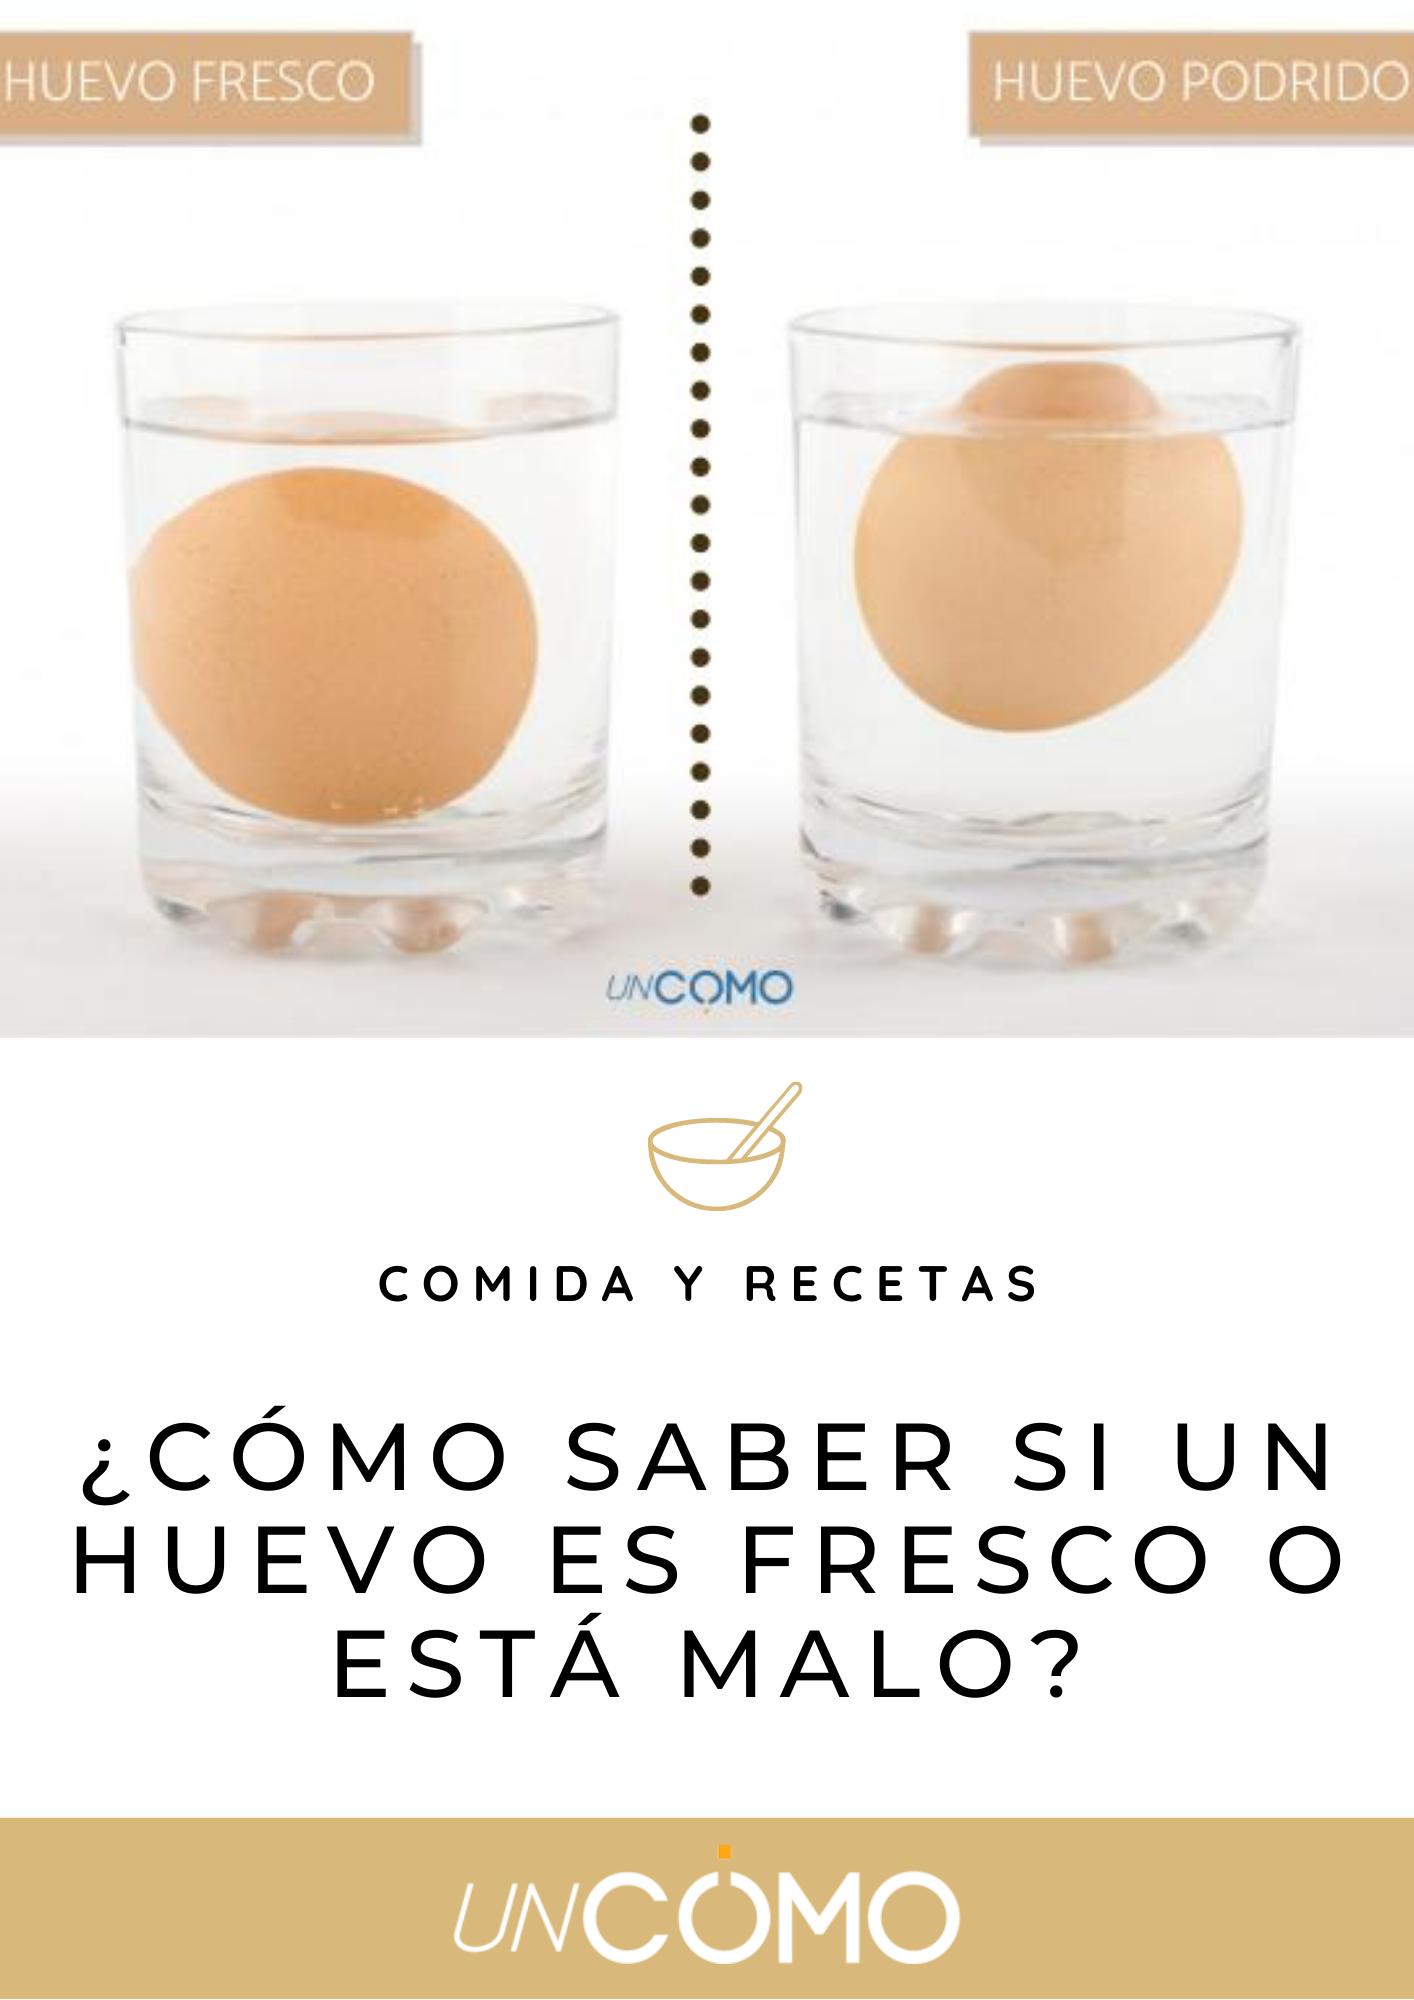 Cómo Saber Si Un Huevo Es Fresco Huevo Huevos Frescos Fresco